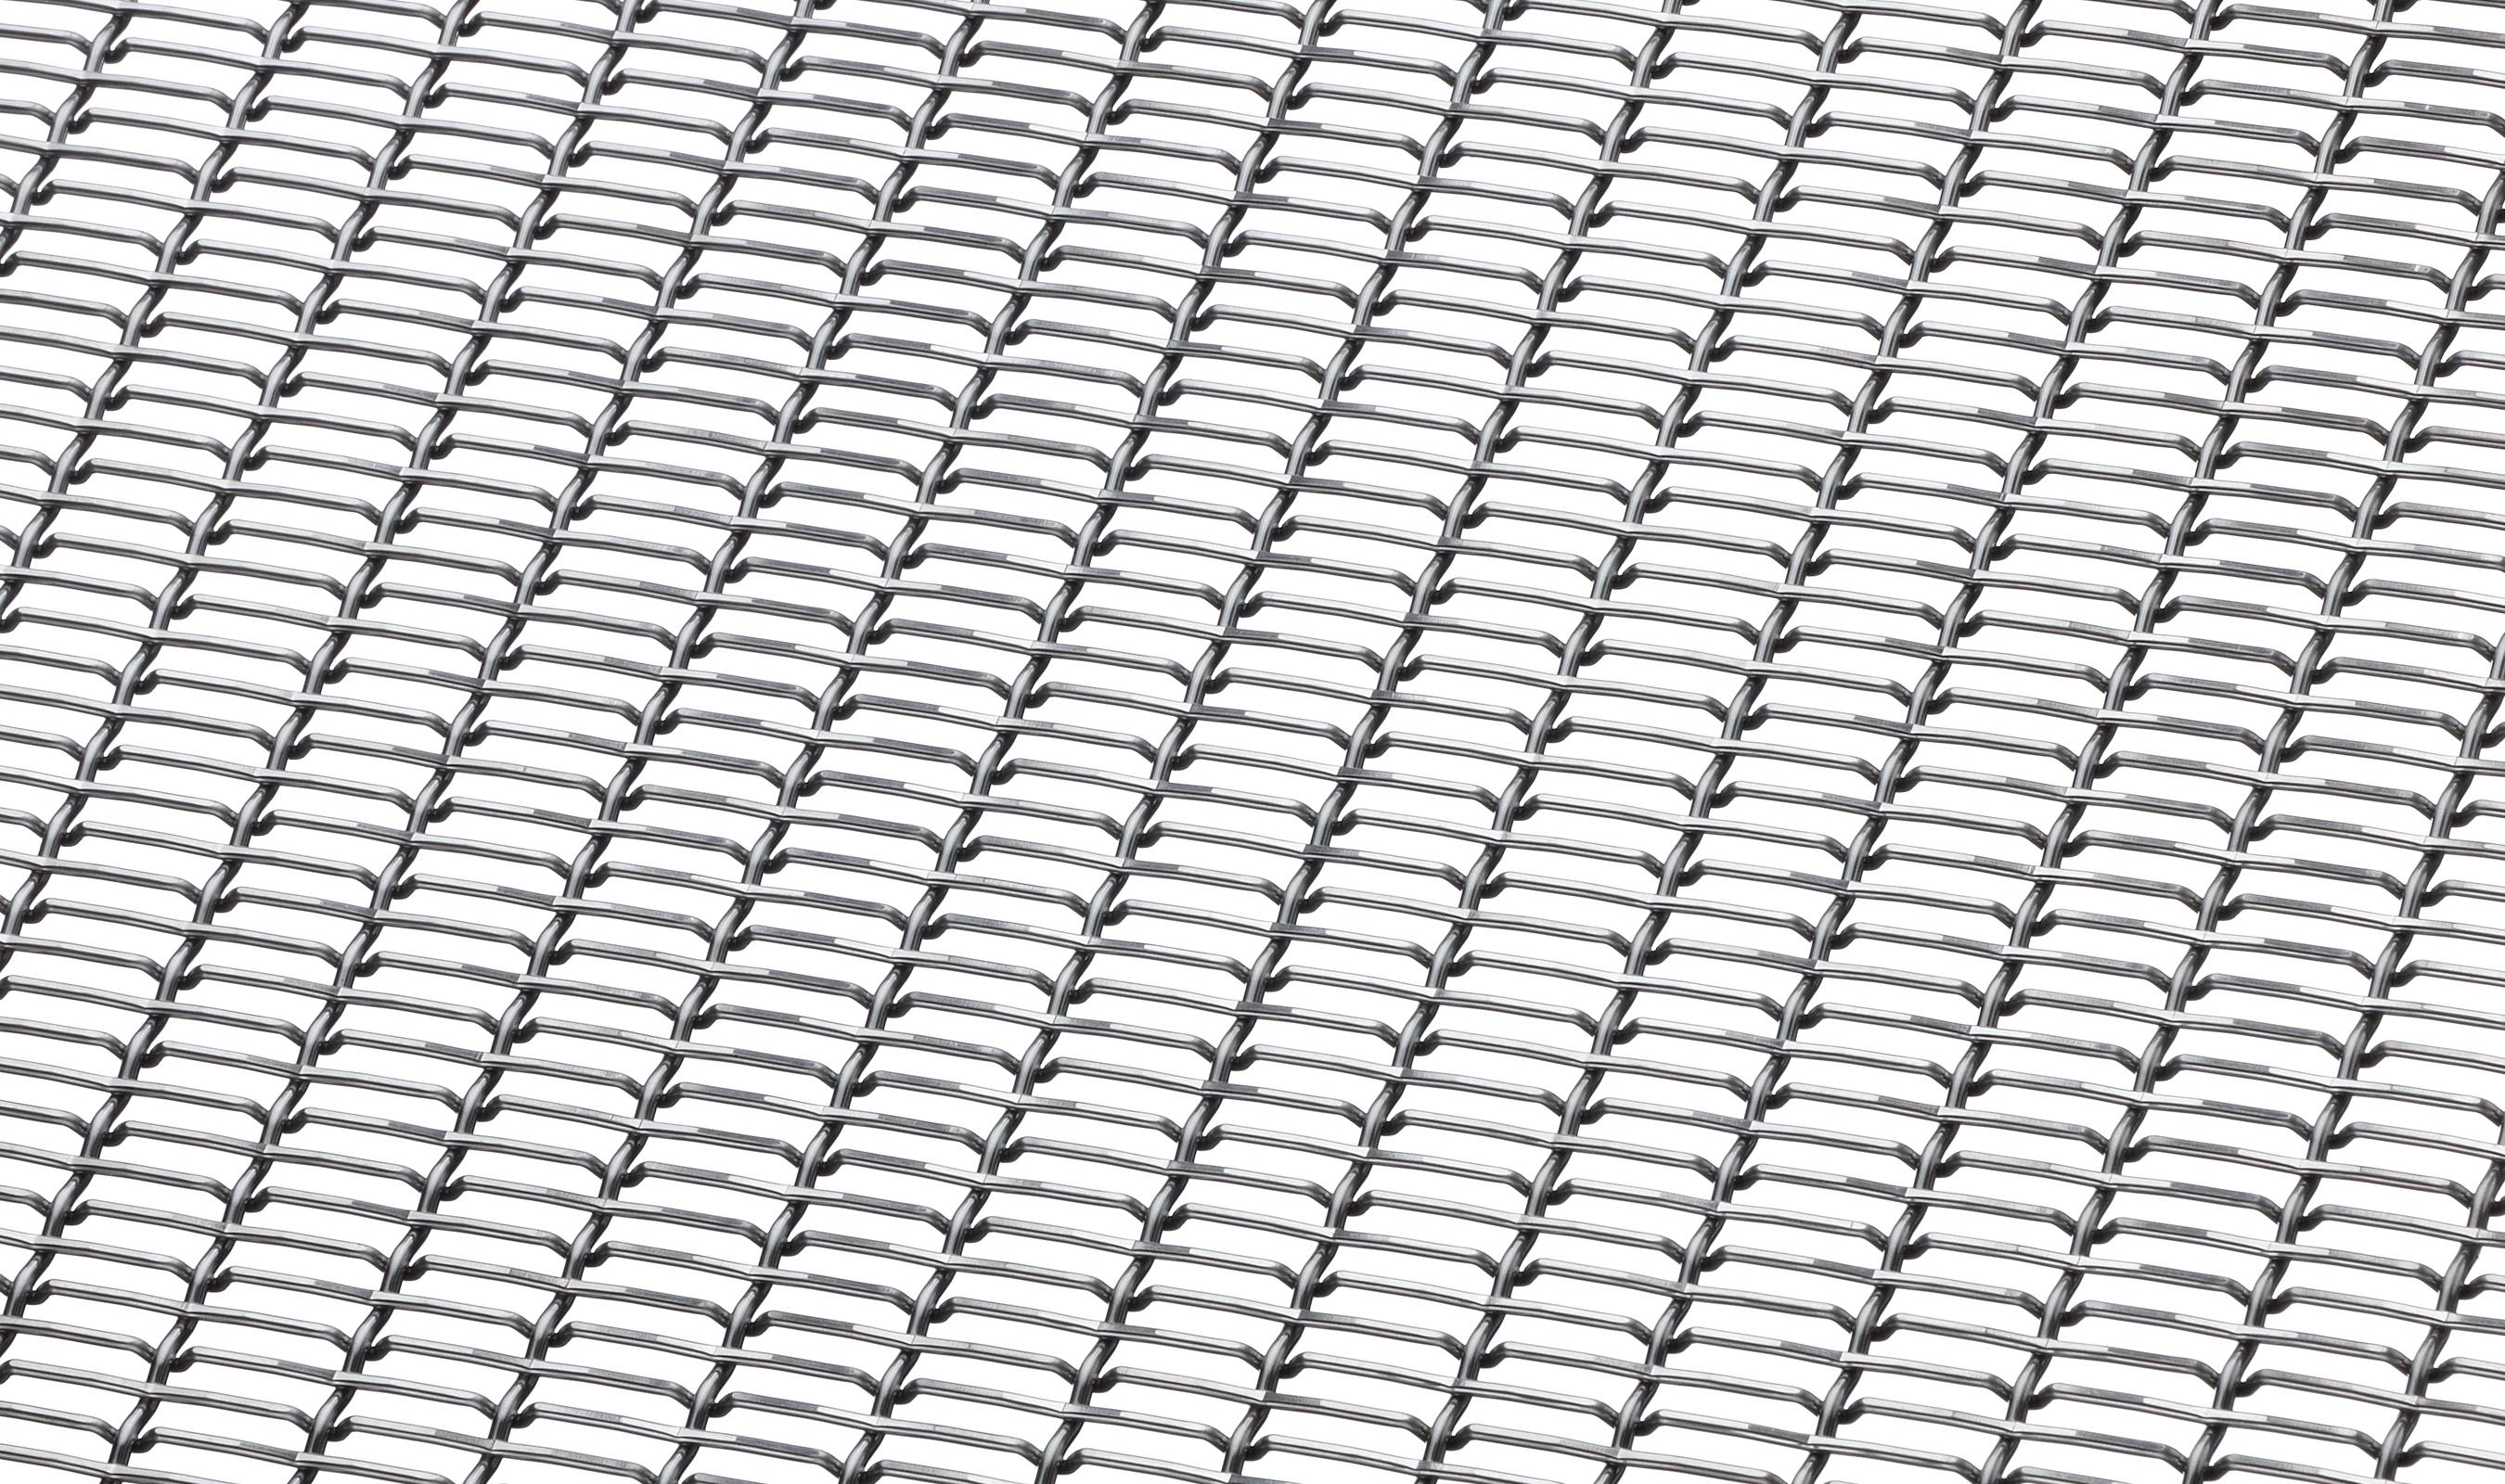 FPZ-62 wire mesh pattern